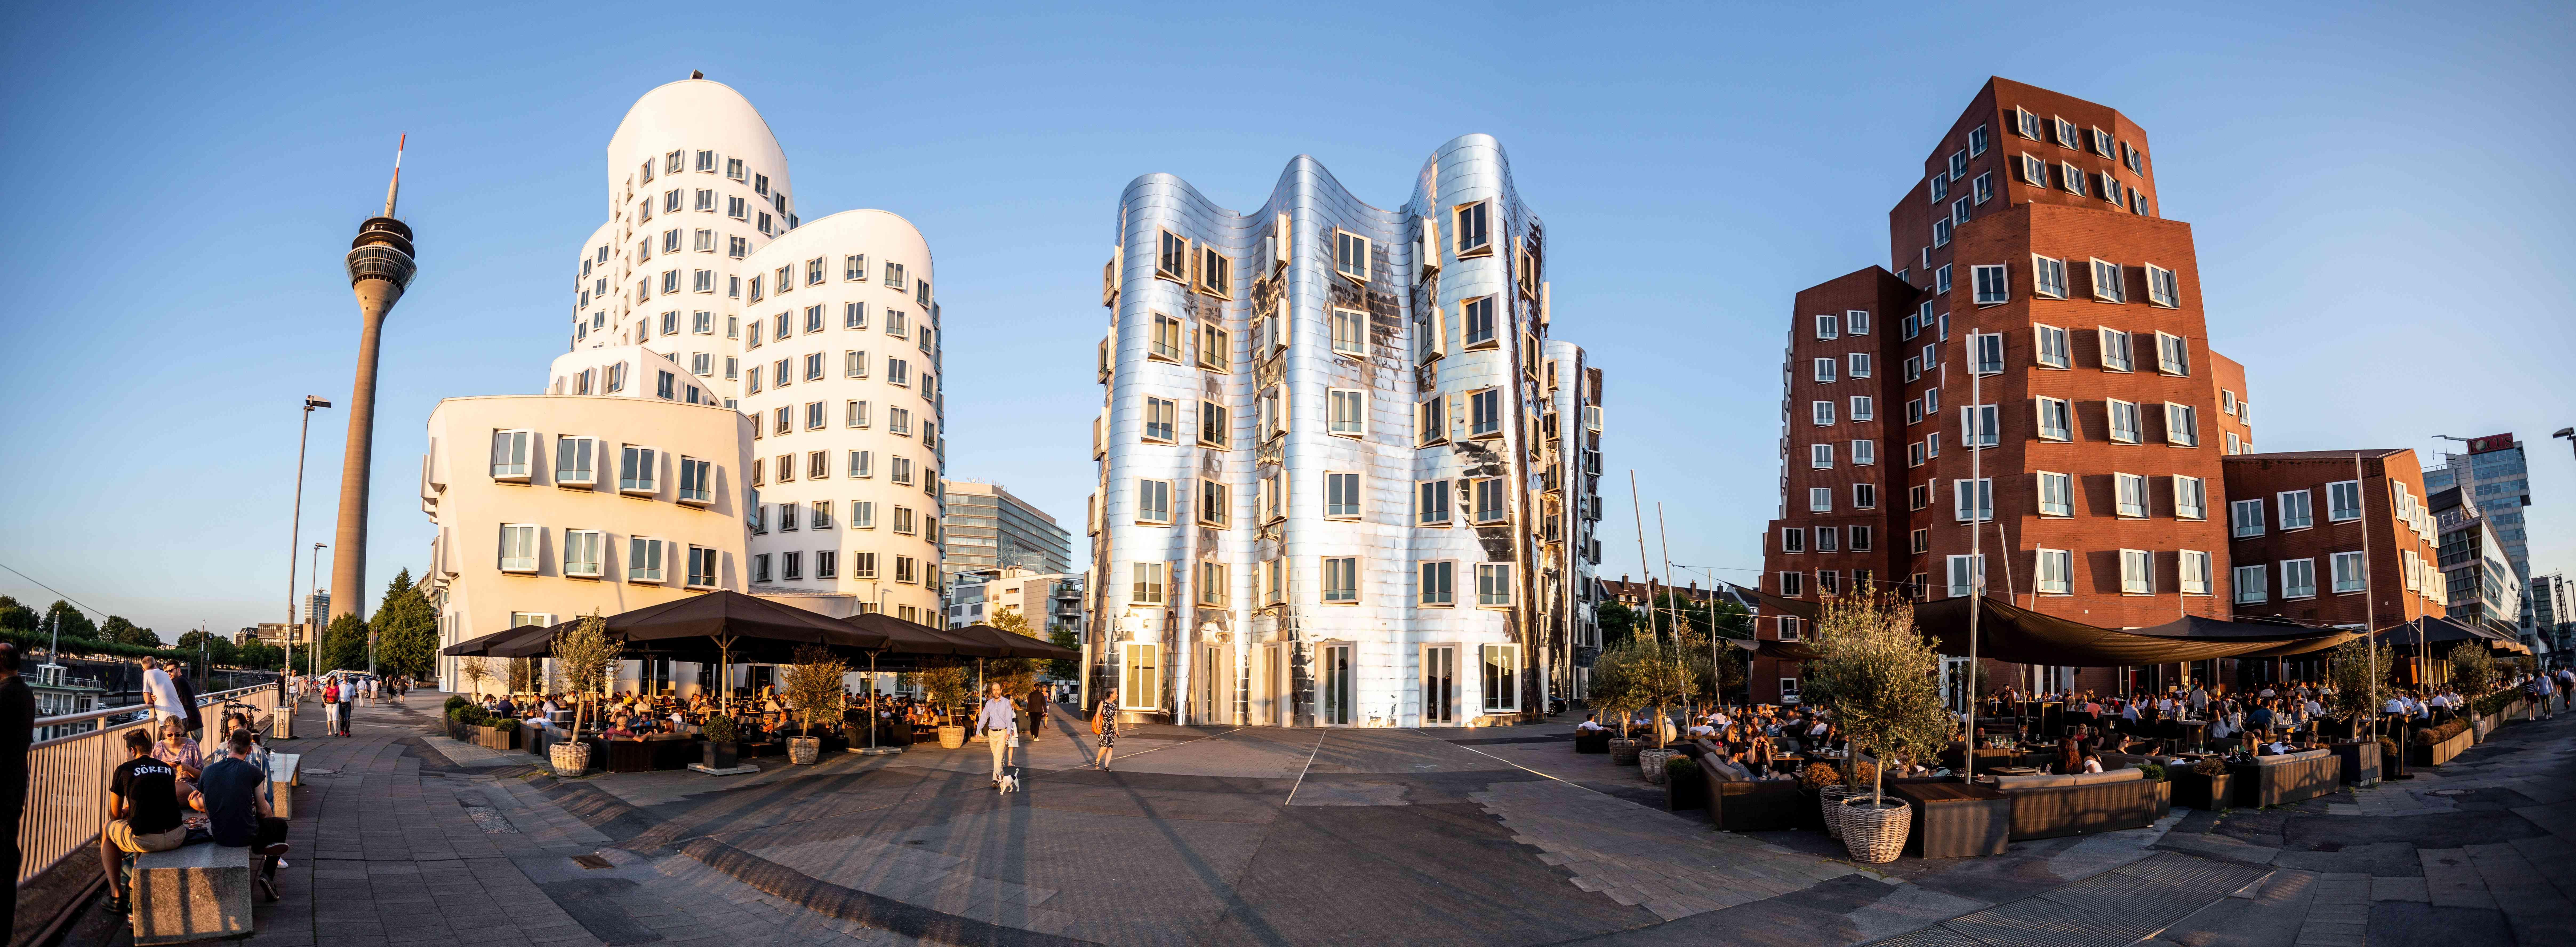 Medien Hafen architecture